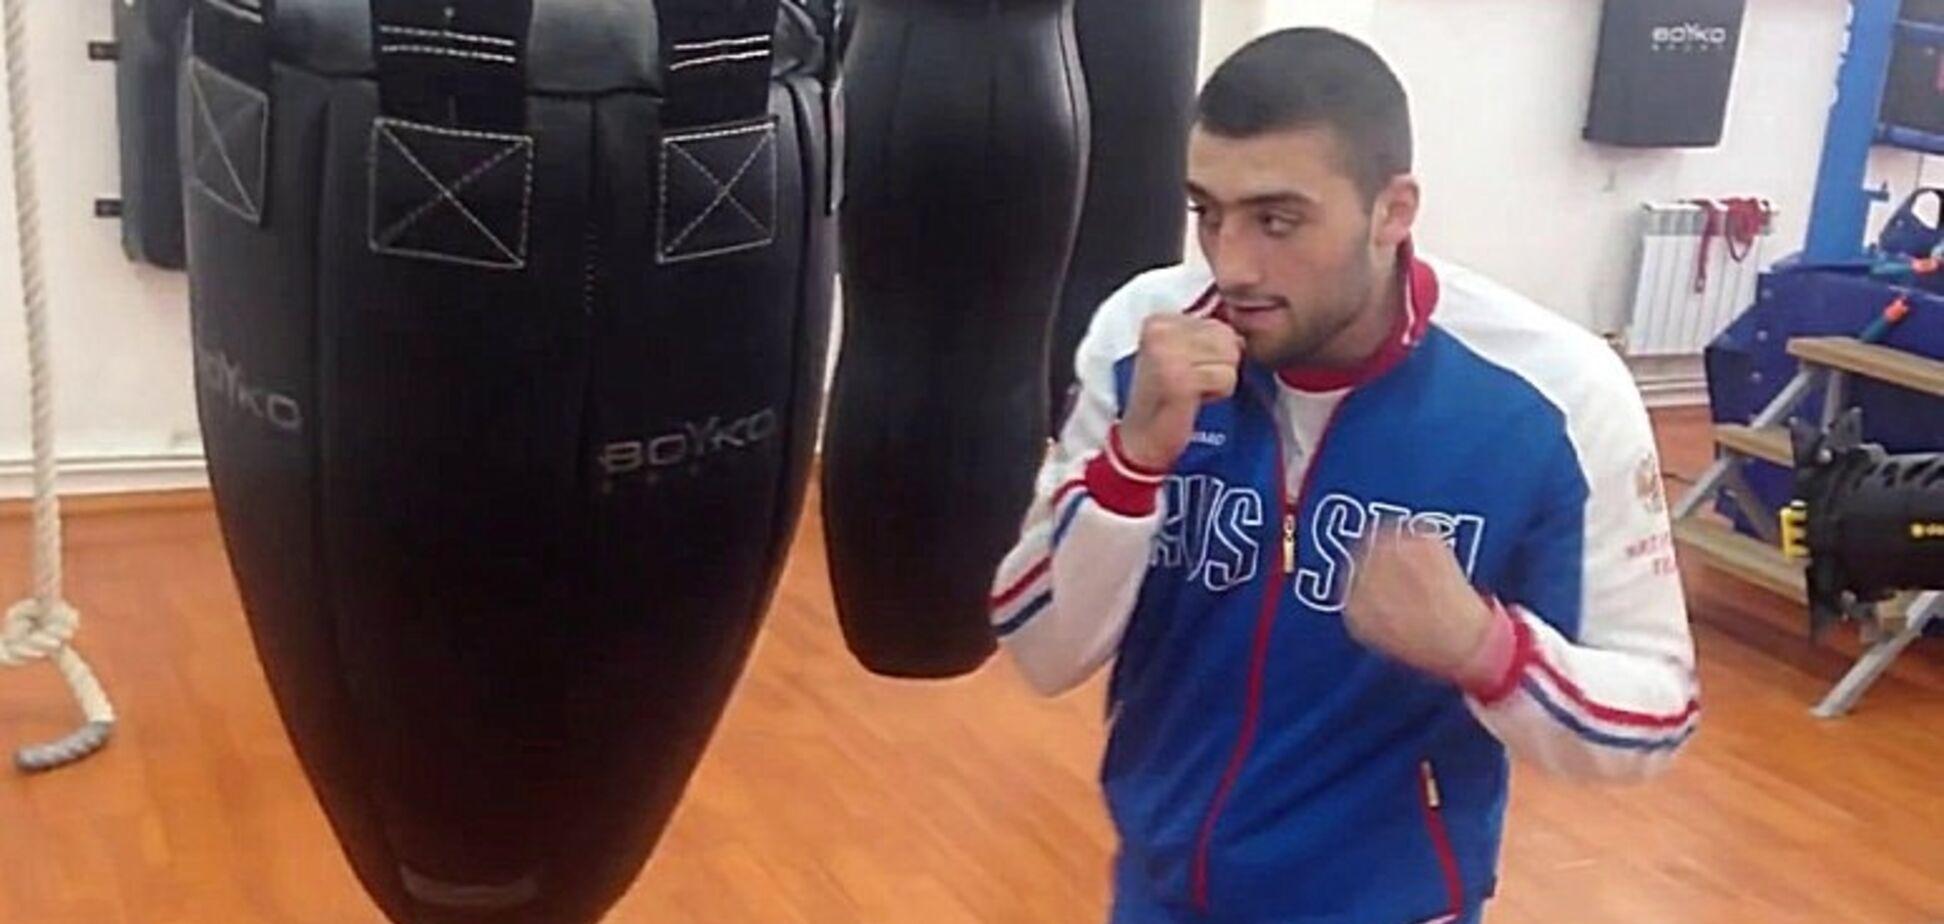 Чемпион России по боксу попал в скандал с наркотиками и вырубил полицейского